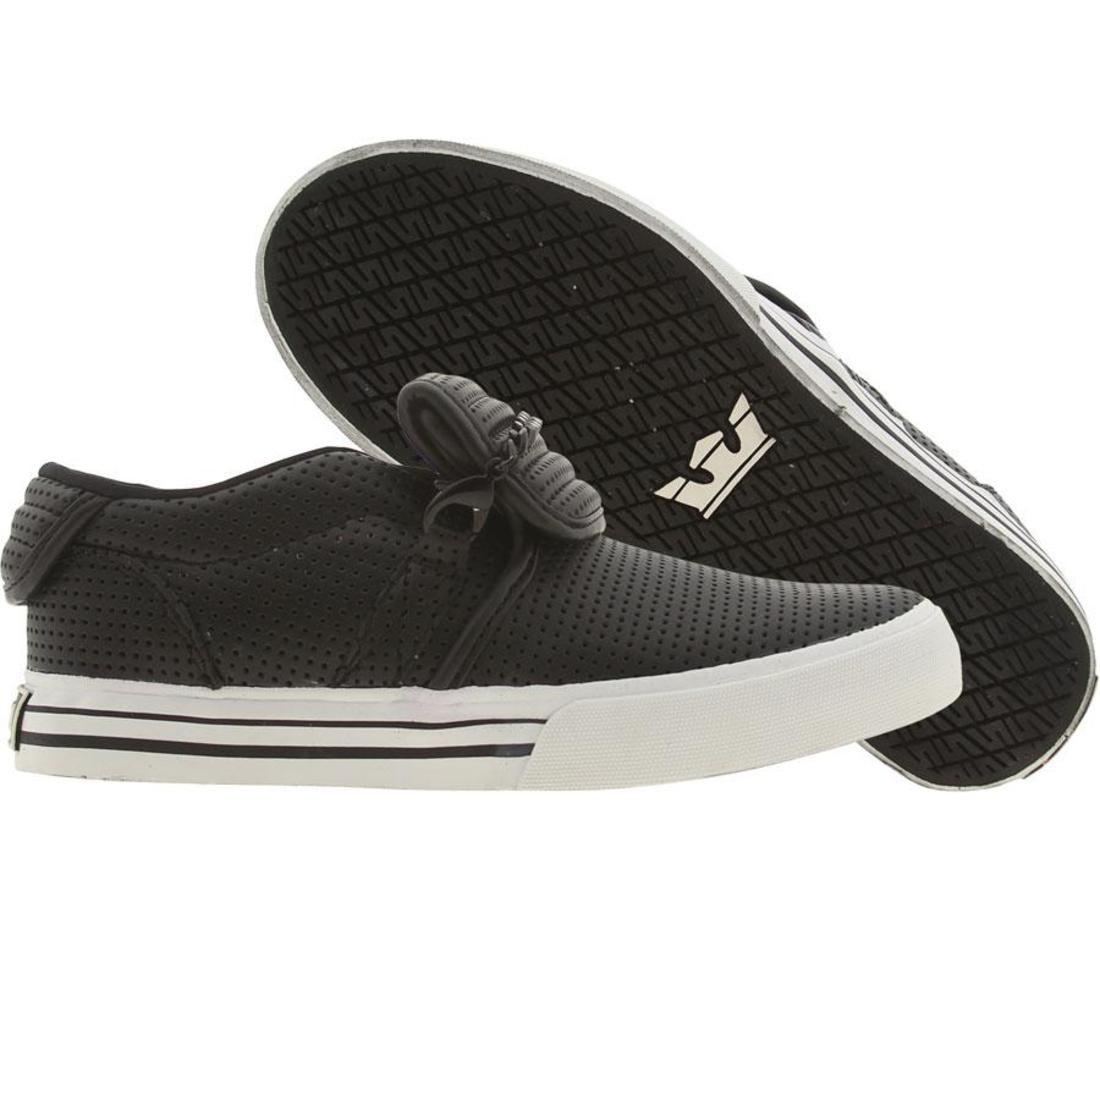 【海外限定】スープラ キューバン 靴 メンズ靴 【 SUPRA CUBAN BLACK PERF 】